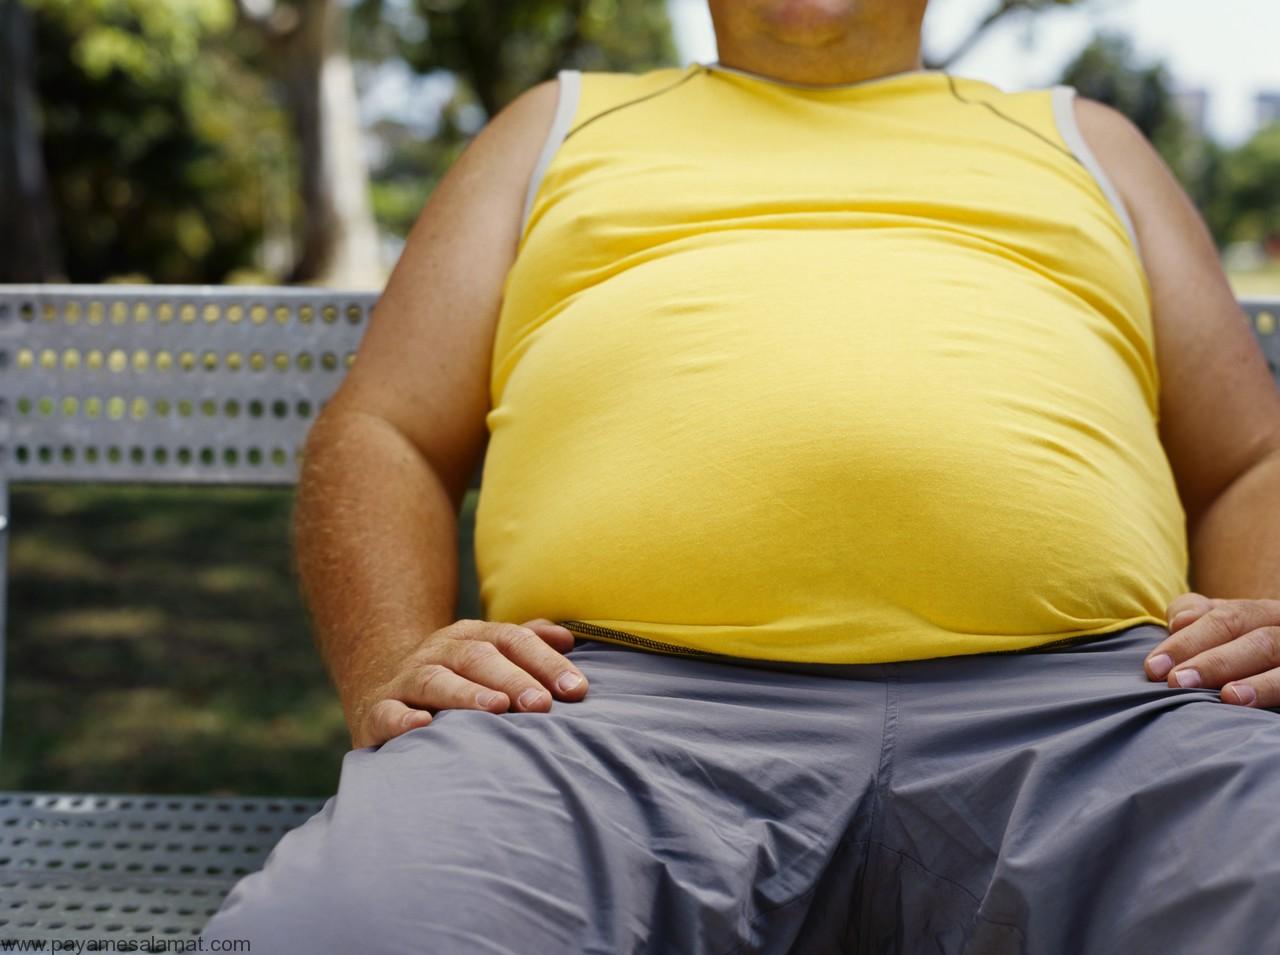 شکم تان بزرگ است؟